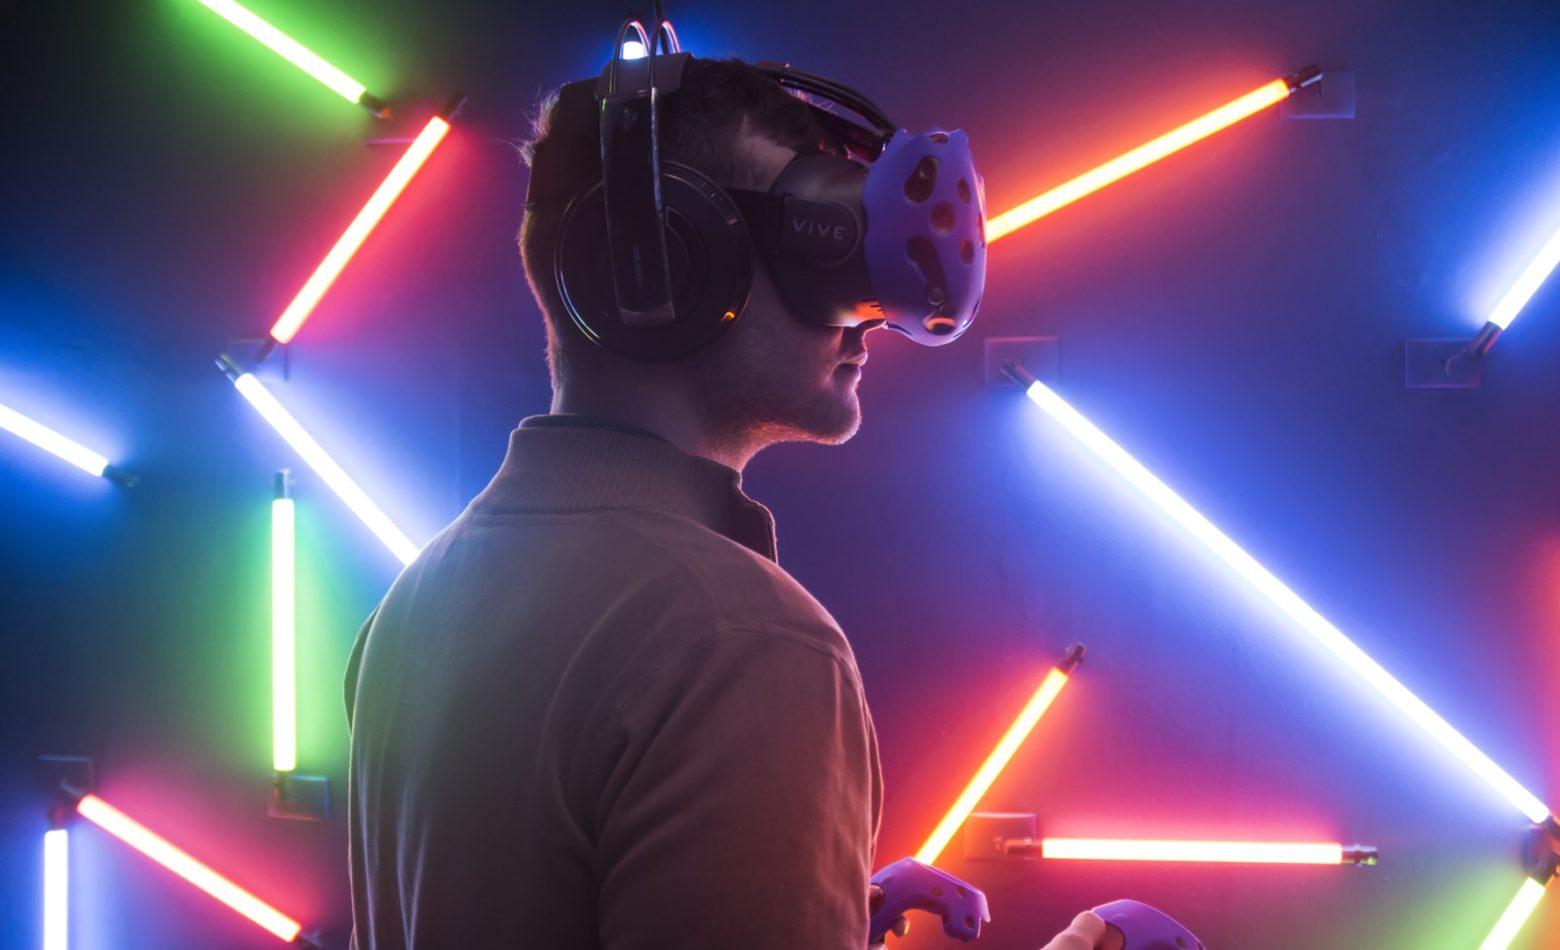 """Pioneiro em Curitiba, Checkpoint VR quer """"democratizar a realidade virtual"""""""